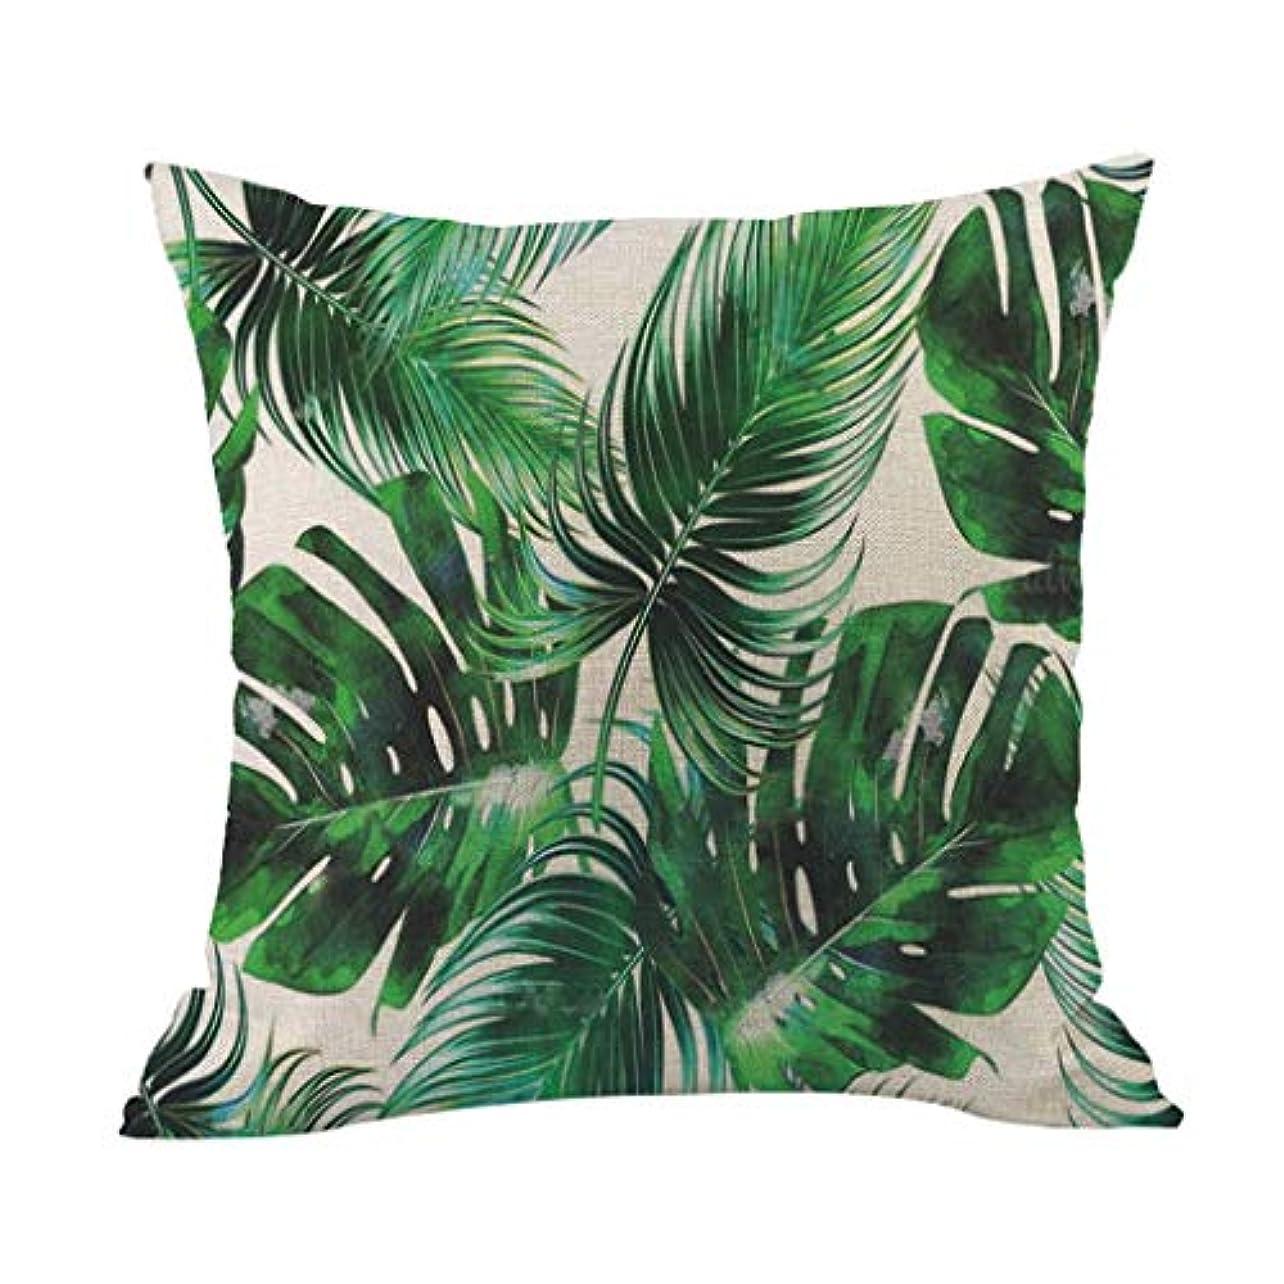 美的思春期のシンジケートLIFE 高品質クッション熱帯植物ポリエステル枕ソファ投げるパッドセットホーム人格クッション coussin decoratif クッション 椅子